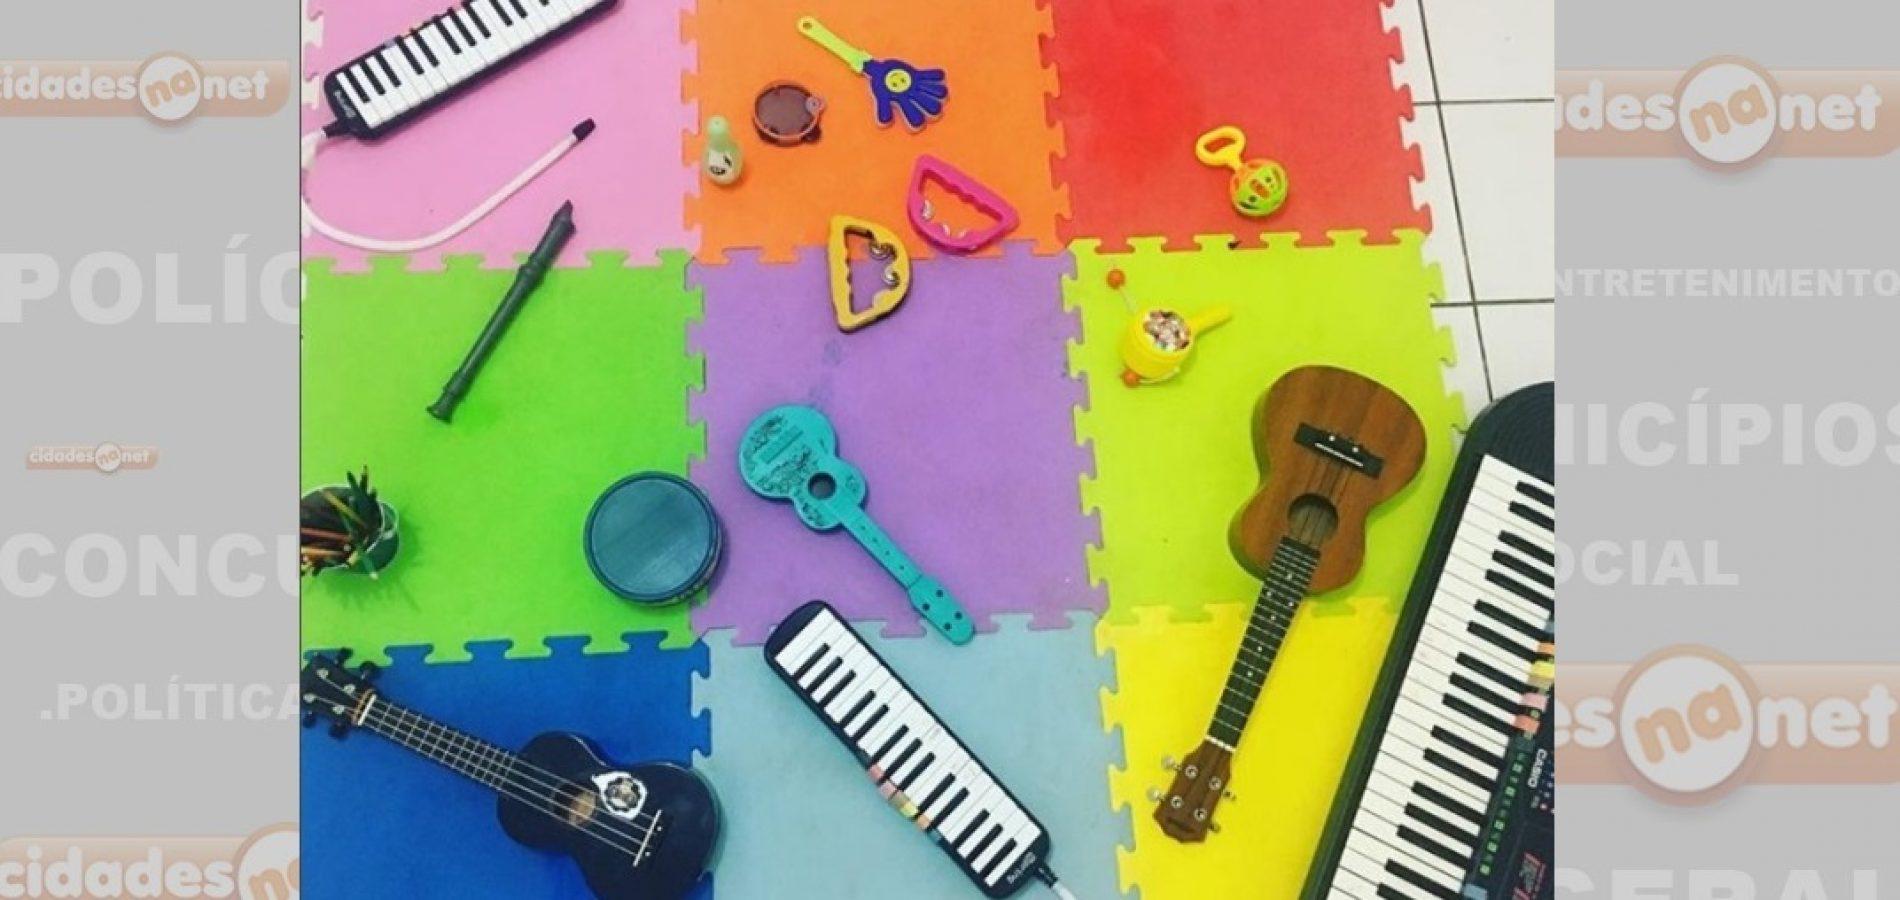 Musicoterapia como suporte de desenvolvimento emocional e psicológico do ser humano